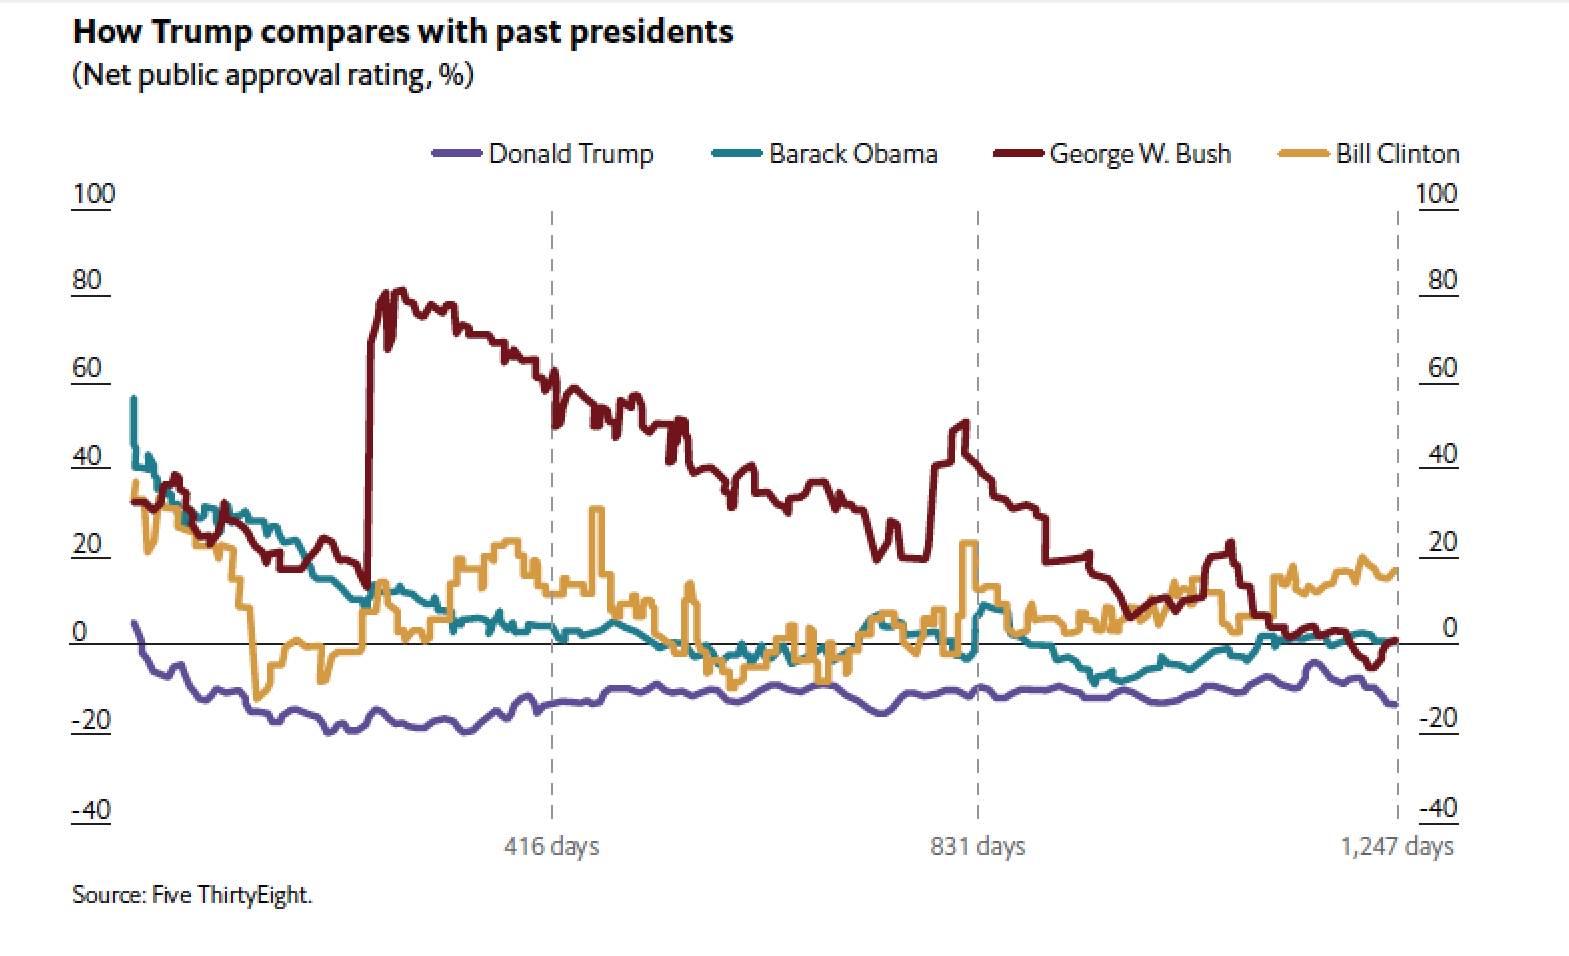 ترامب مقارنة بالرؤساء السابقين من حيث معدل الرضا عنه من الشعب